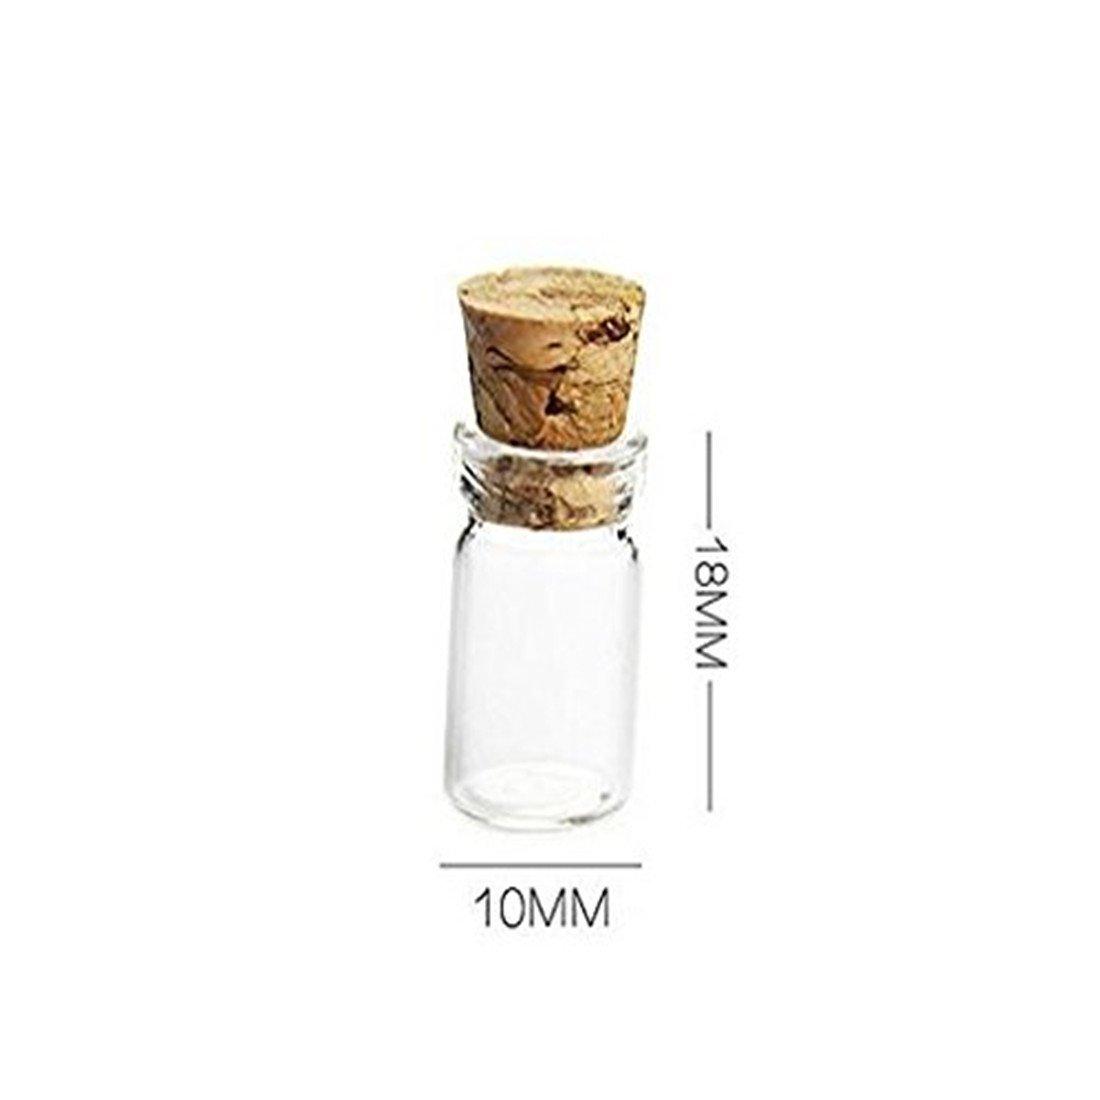 Bottiglie Trasparenti per Grandi Feste ASKCUT 50/Pcak 0.5/ml Mini Piccolo Trasparente bottigliette in Vetro con Tappo in Sughero Interni Ecoration Matrimoni Wish ed DIY design-10/x 18/x 15/mm